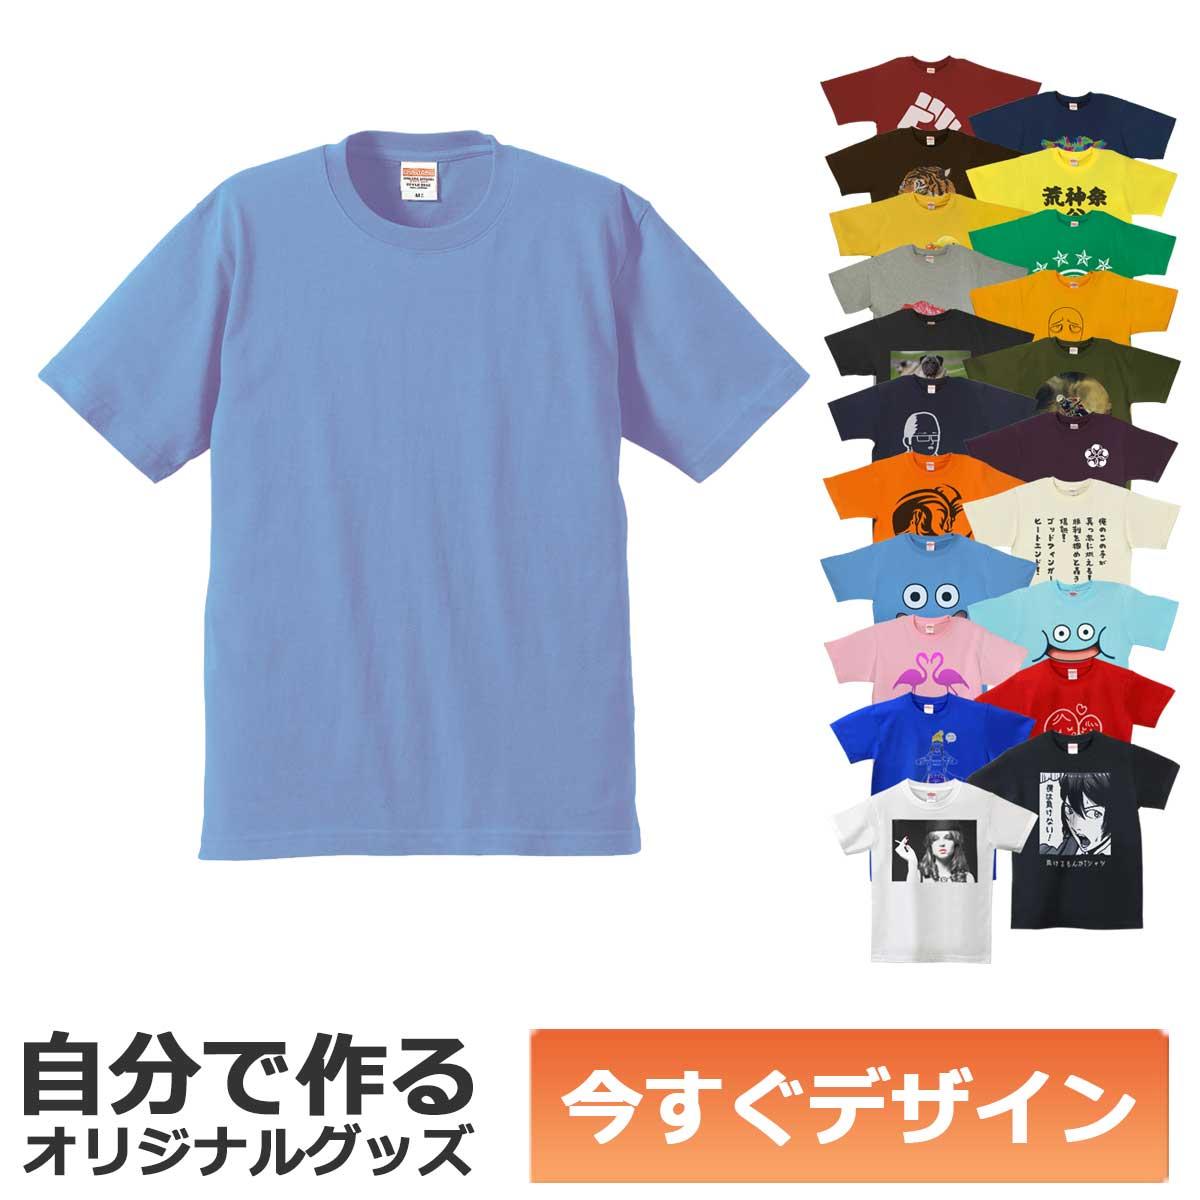 あす楽 名入れ 両面OK ギフト ペア チームTシャツ 即納可能 1枚から作れる Tシャツ 6.2oz 安い オリジナル メール便可 自分でデザイン サックス 本店 プレミアム